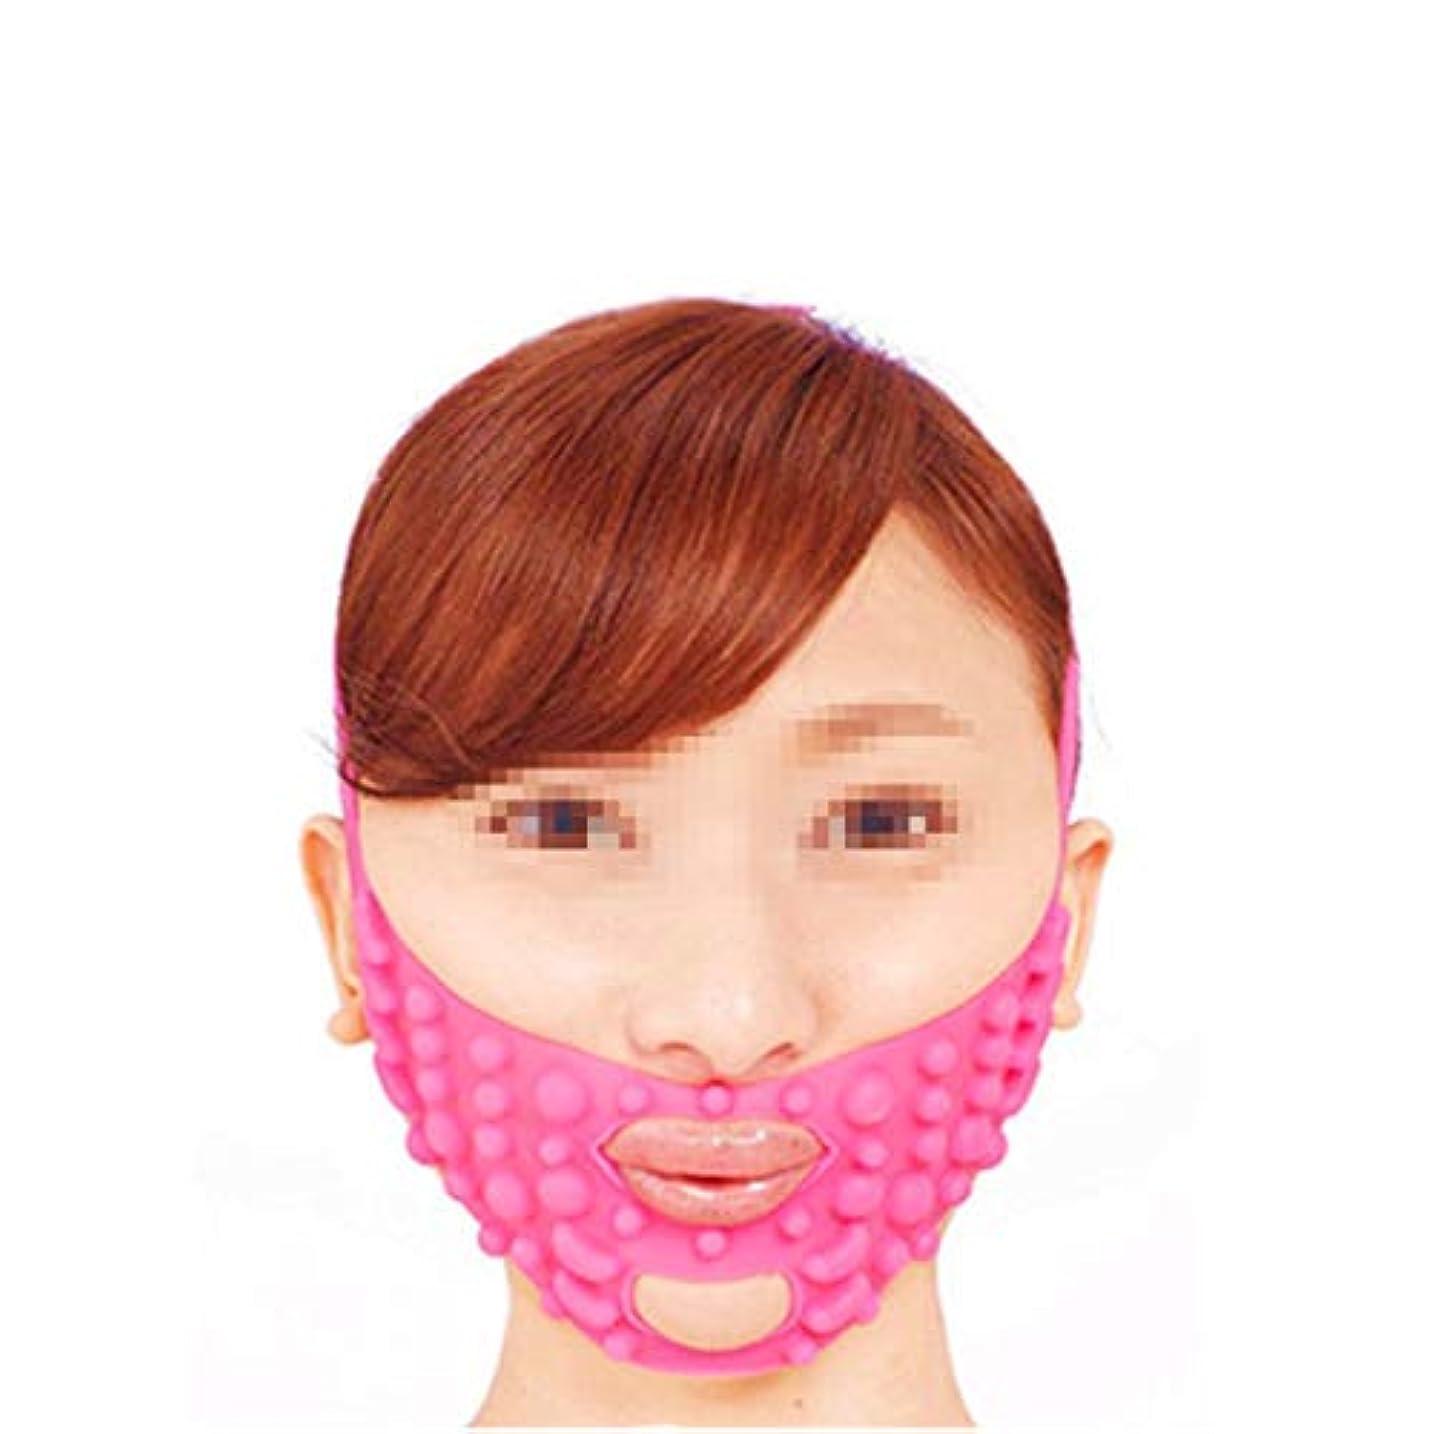 西部静かに崇拝するシリコンマッサージフェイスマスク、密かに形作る小さなVフェイスリフトをパターンアップフェイスリフトバンデージピンク